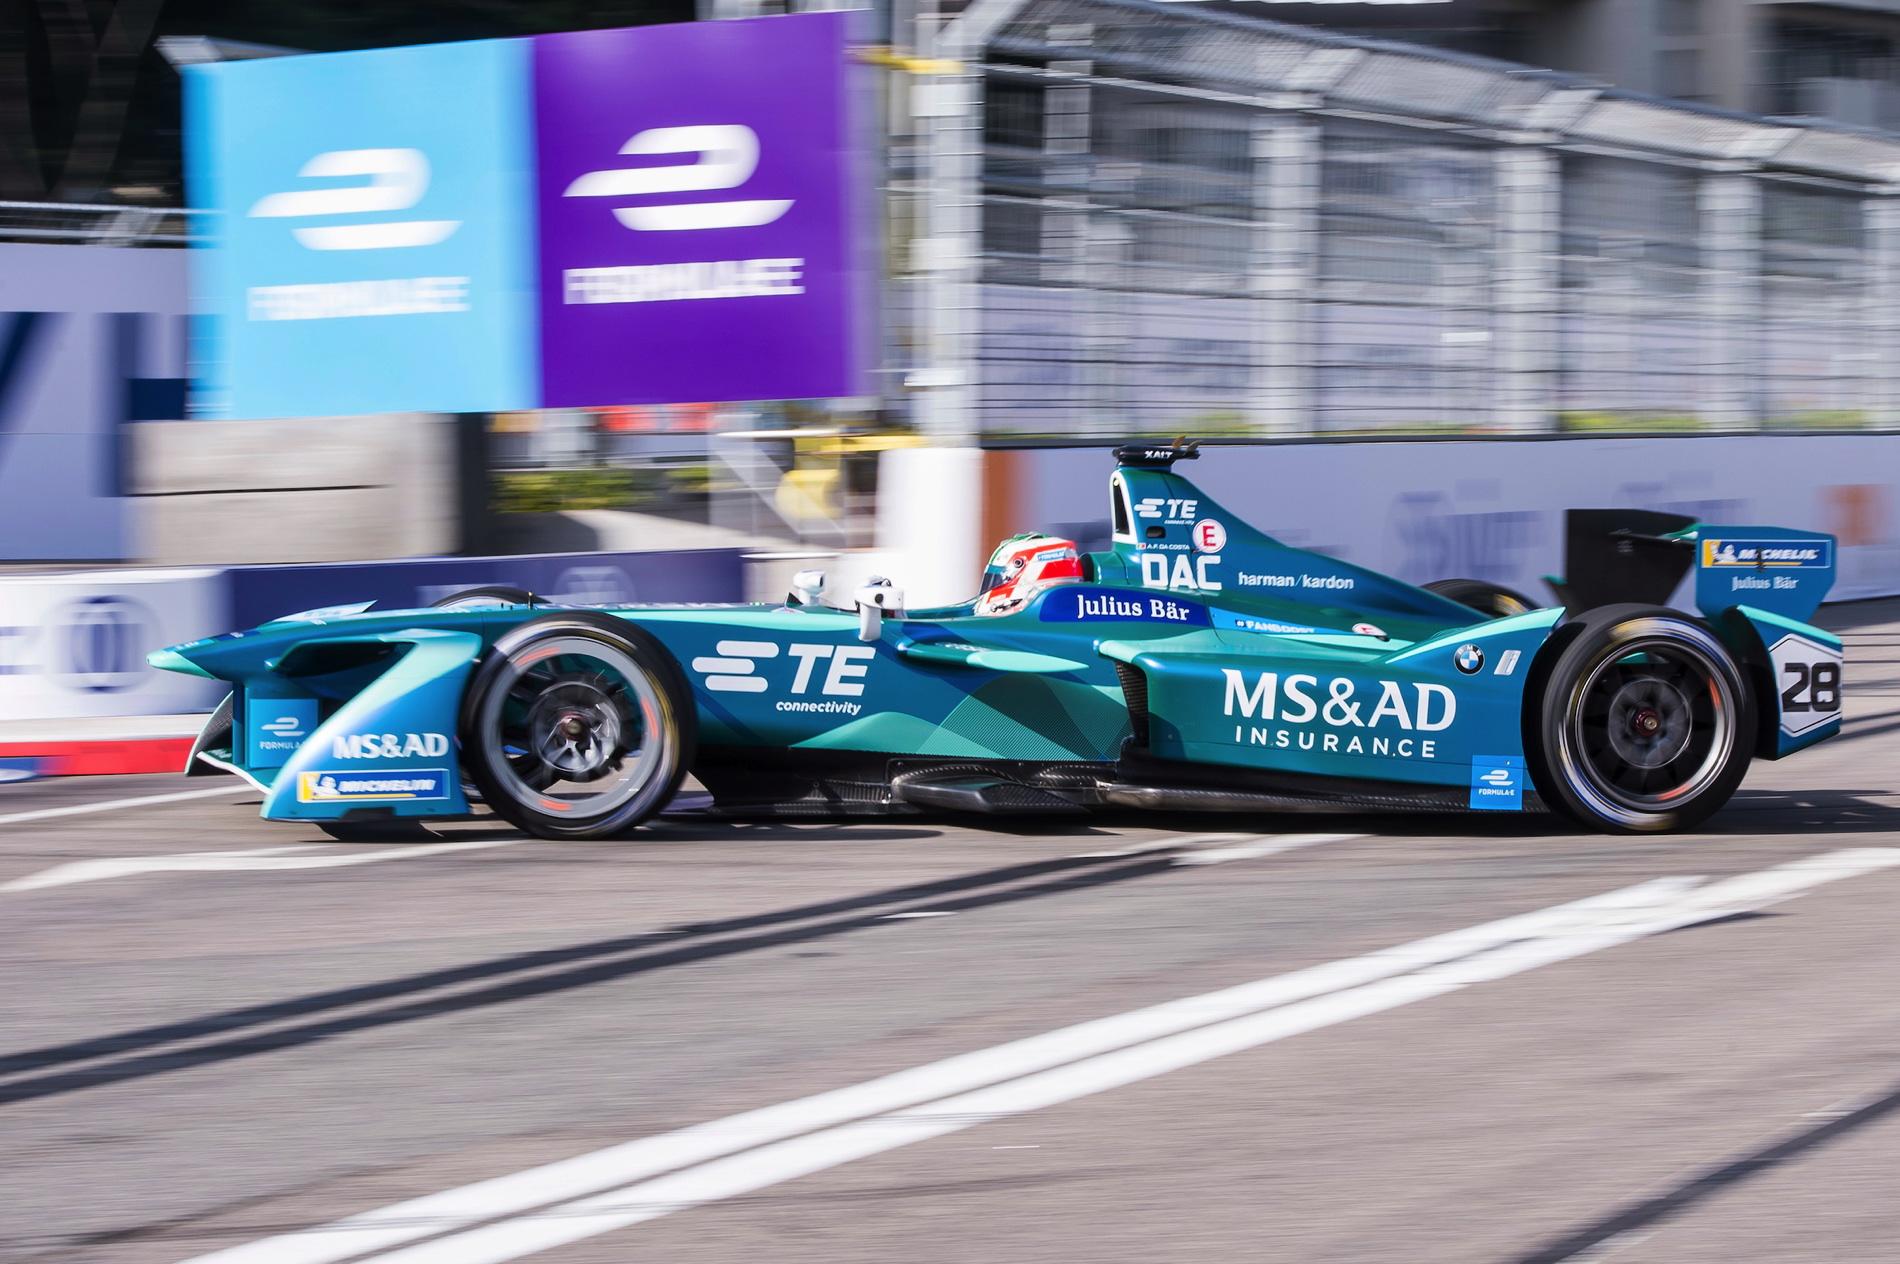 MSAD Andretti Formula E 04